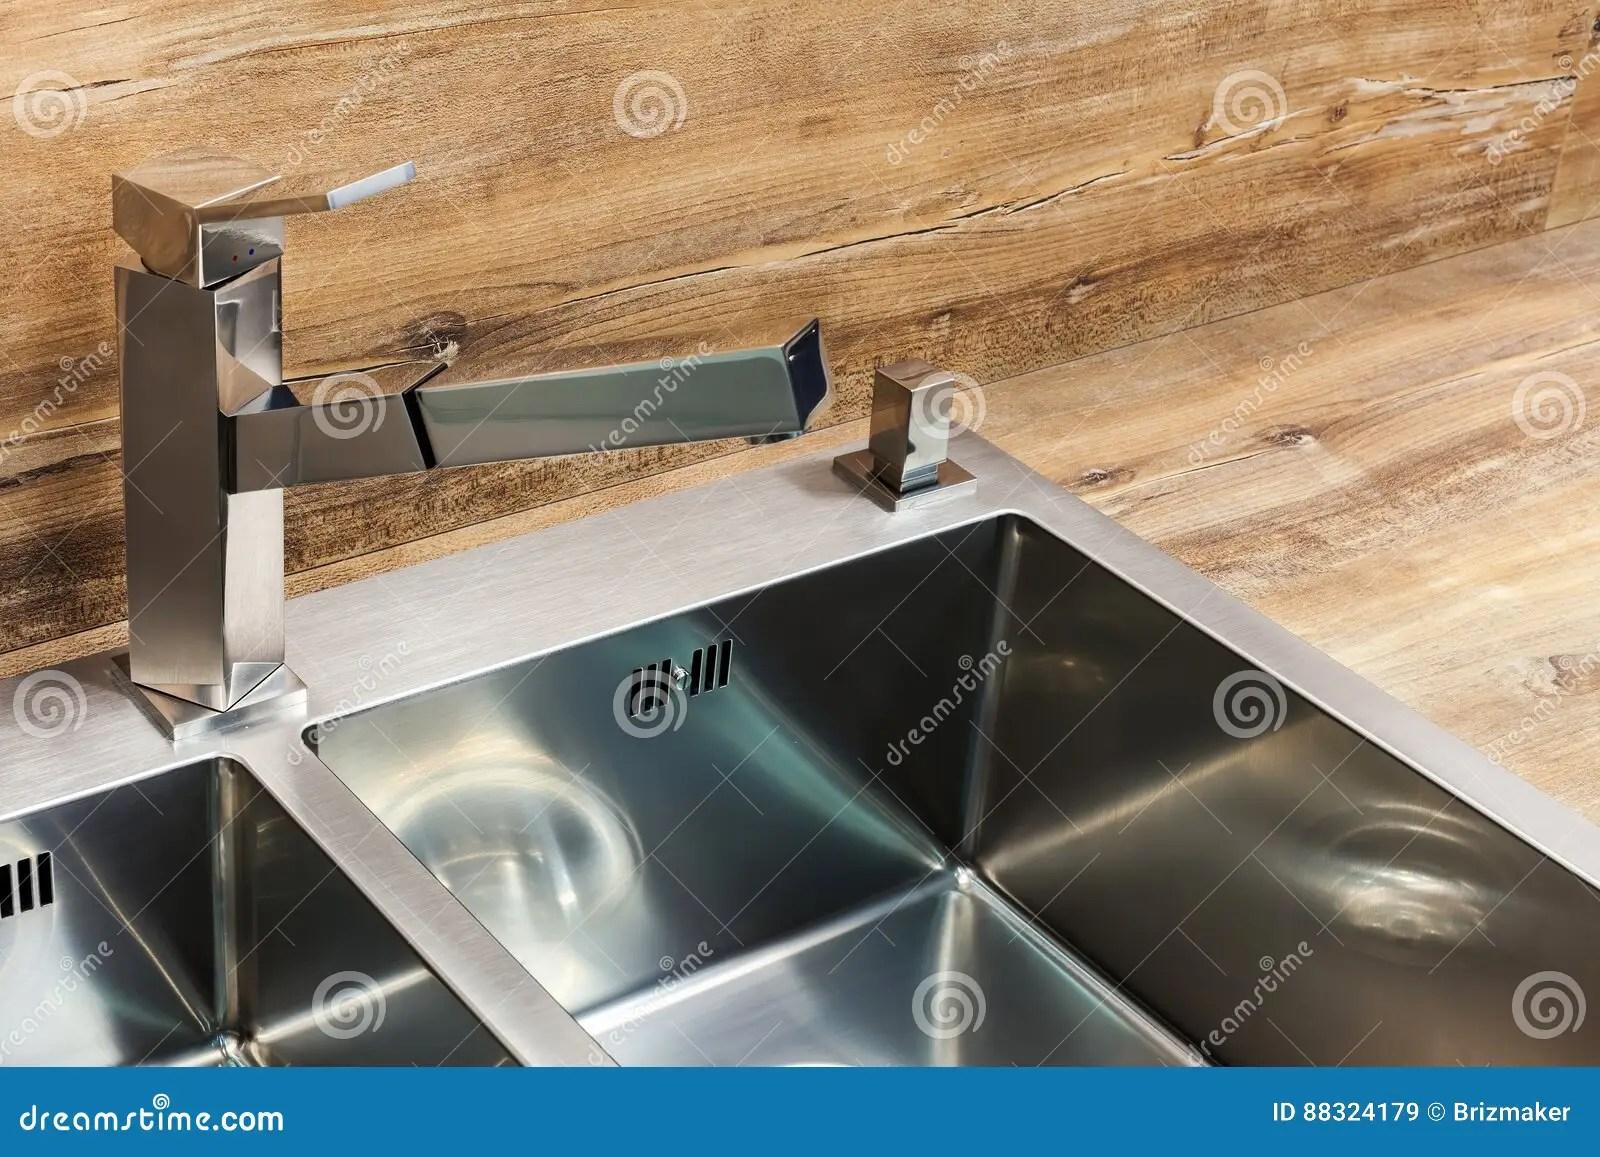 24 kitchen sink shoes for work in the 一个长方形设计师厨房水槽的细节与镀铬物水龙头的库存图片 图片包括有 一个长方形设计师厨房水槽的细节与镀铬物水龙头的